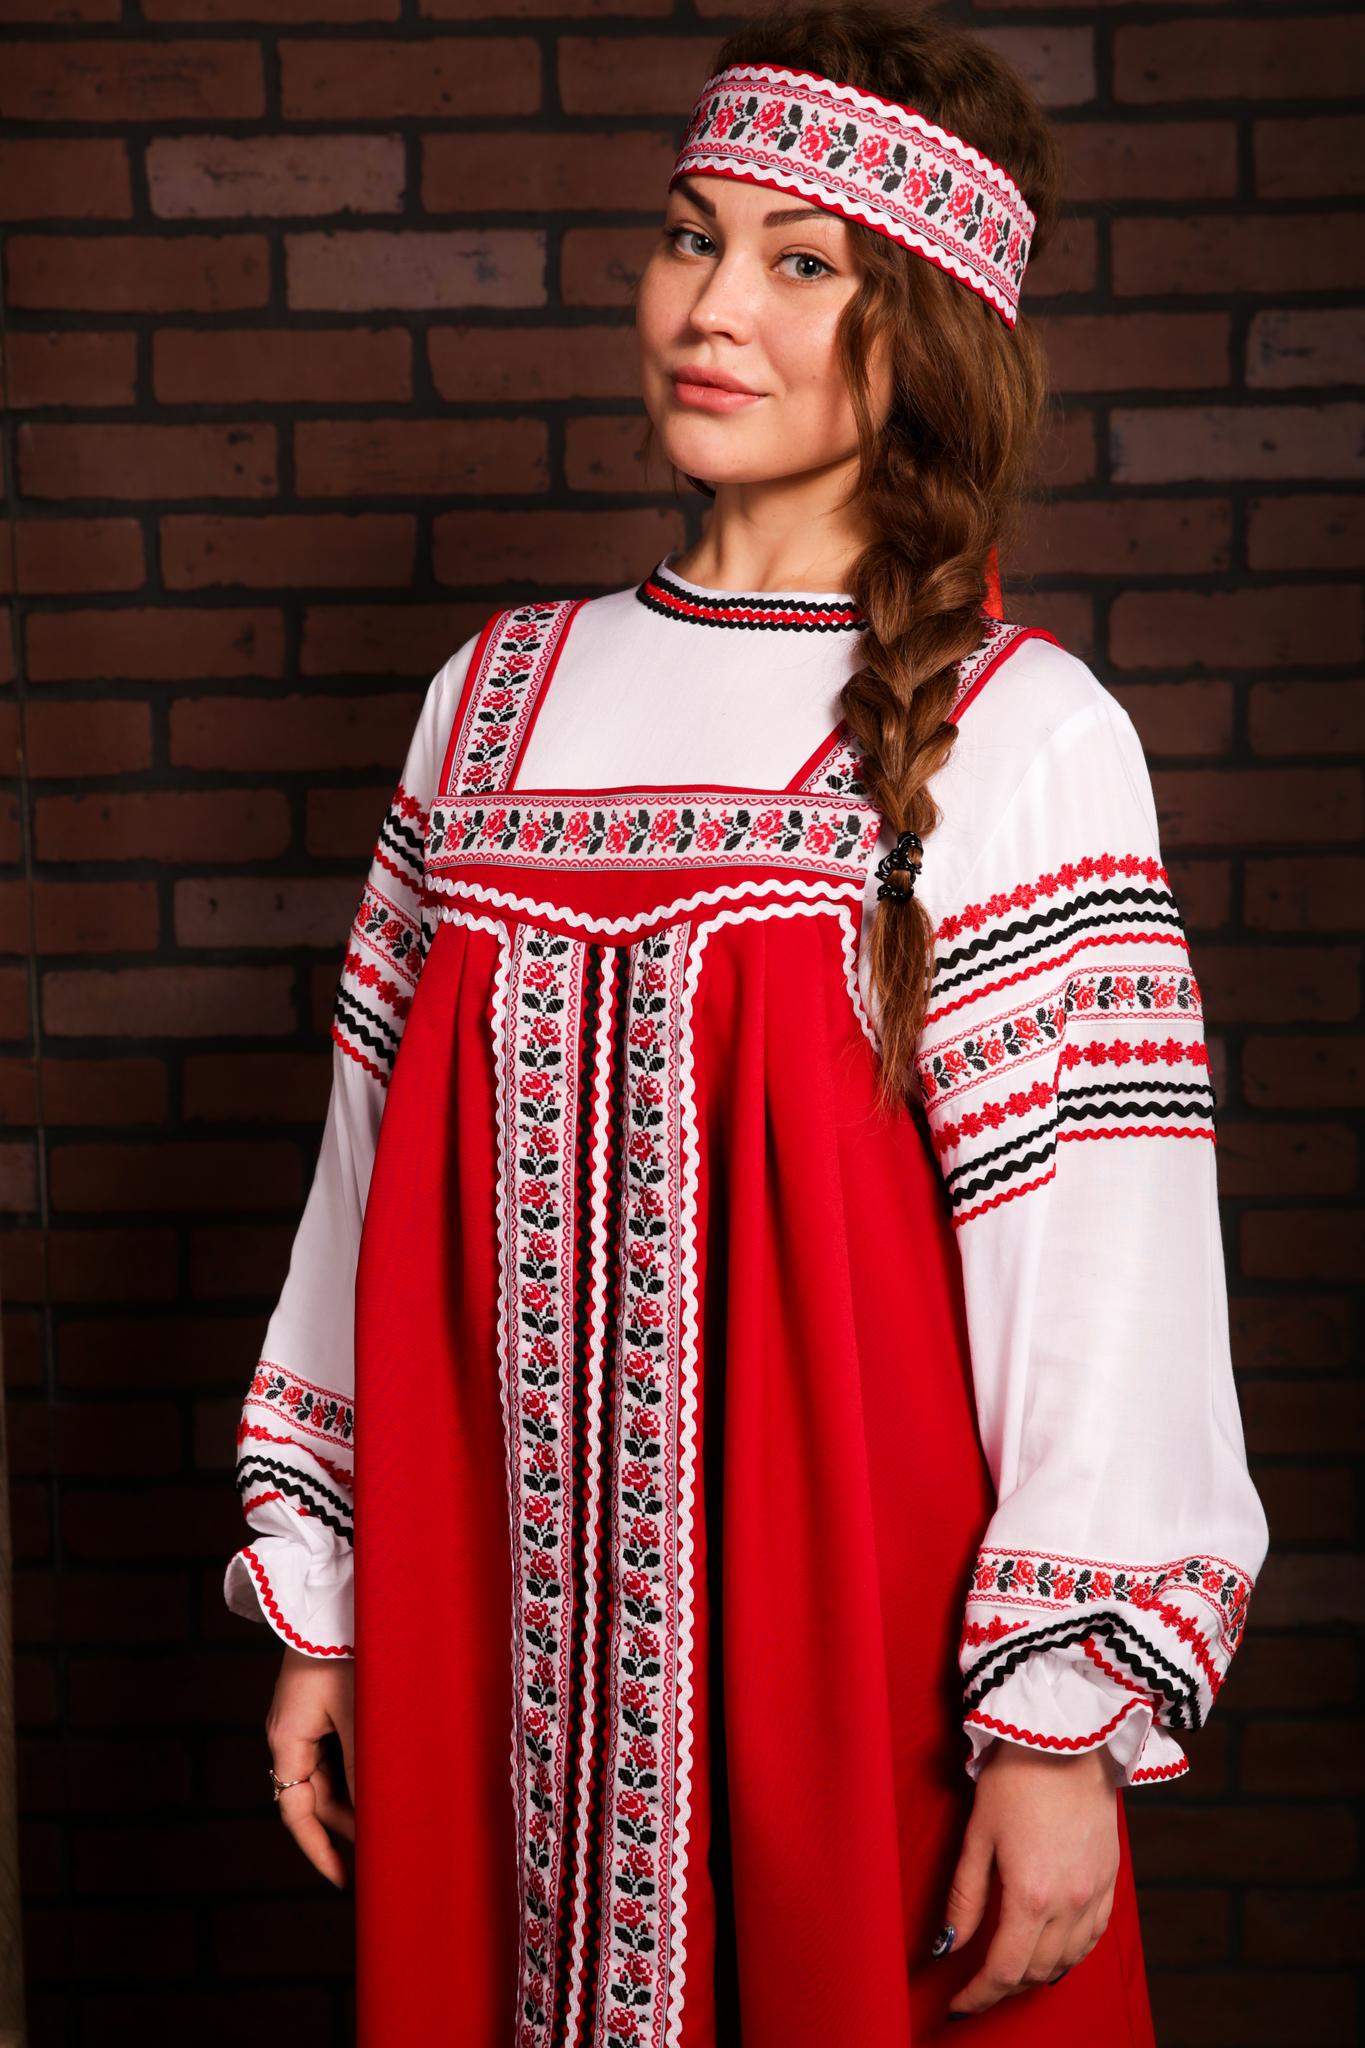 русские традиционные костюмы с орнаментом Иванка плечо